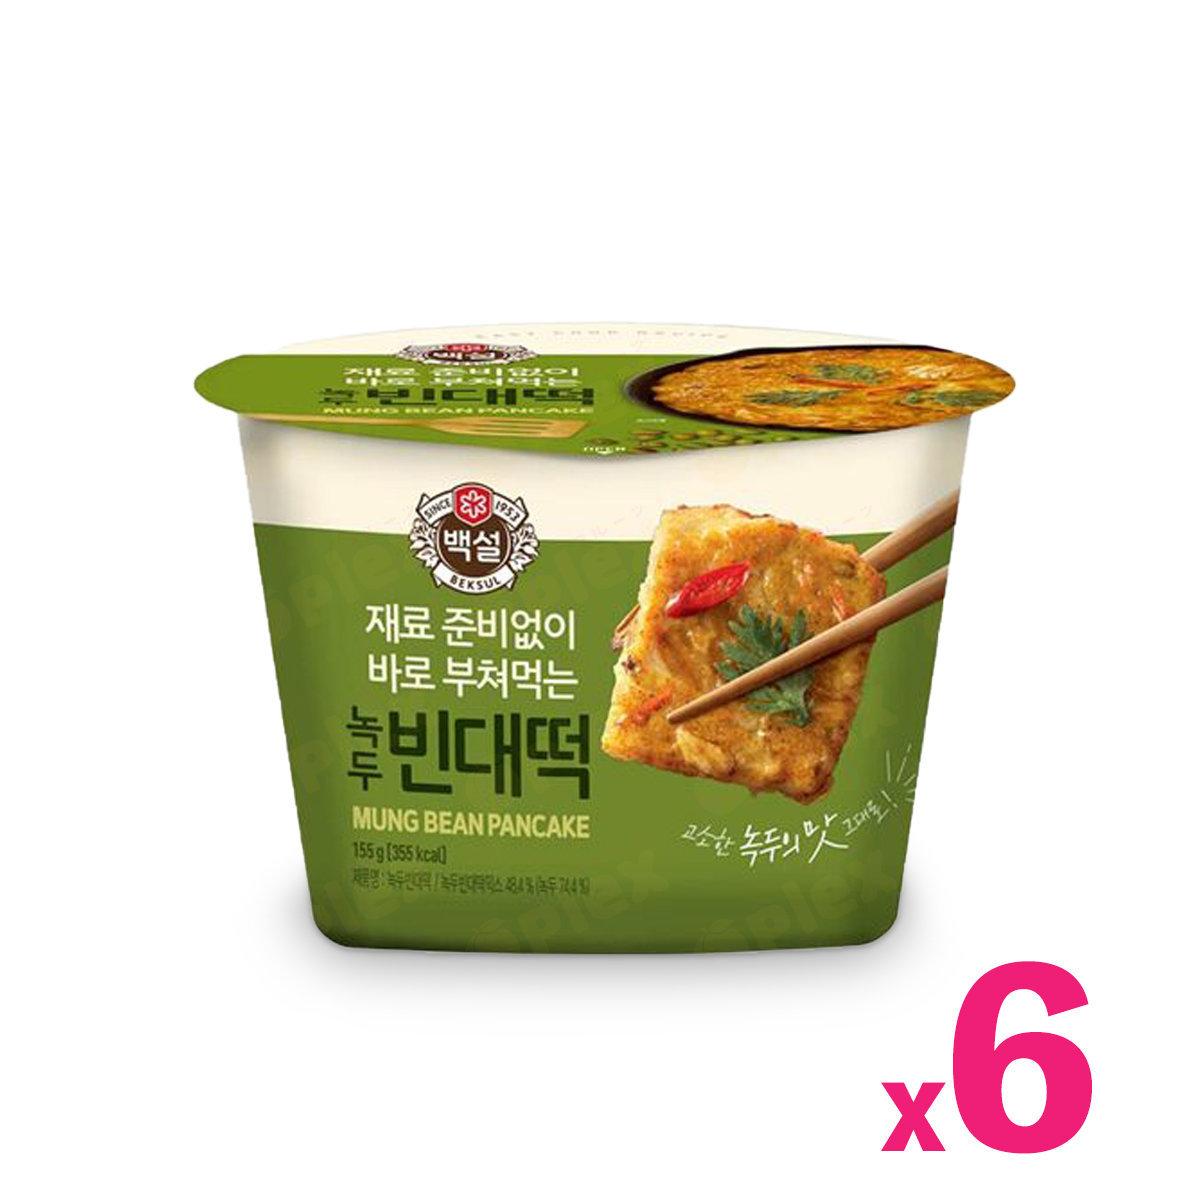 CJ Easy Cook Recipe Korean Pancake - Mung Bean (155g) x 6bowl